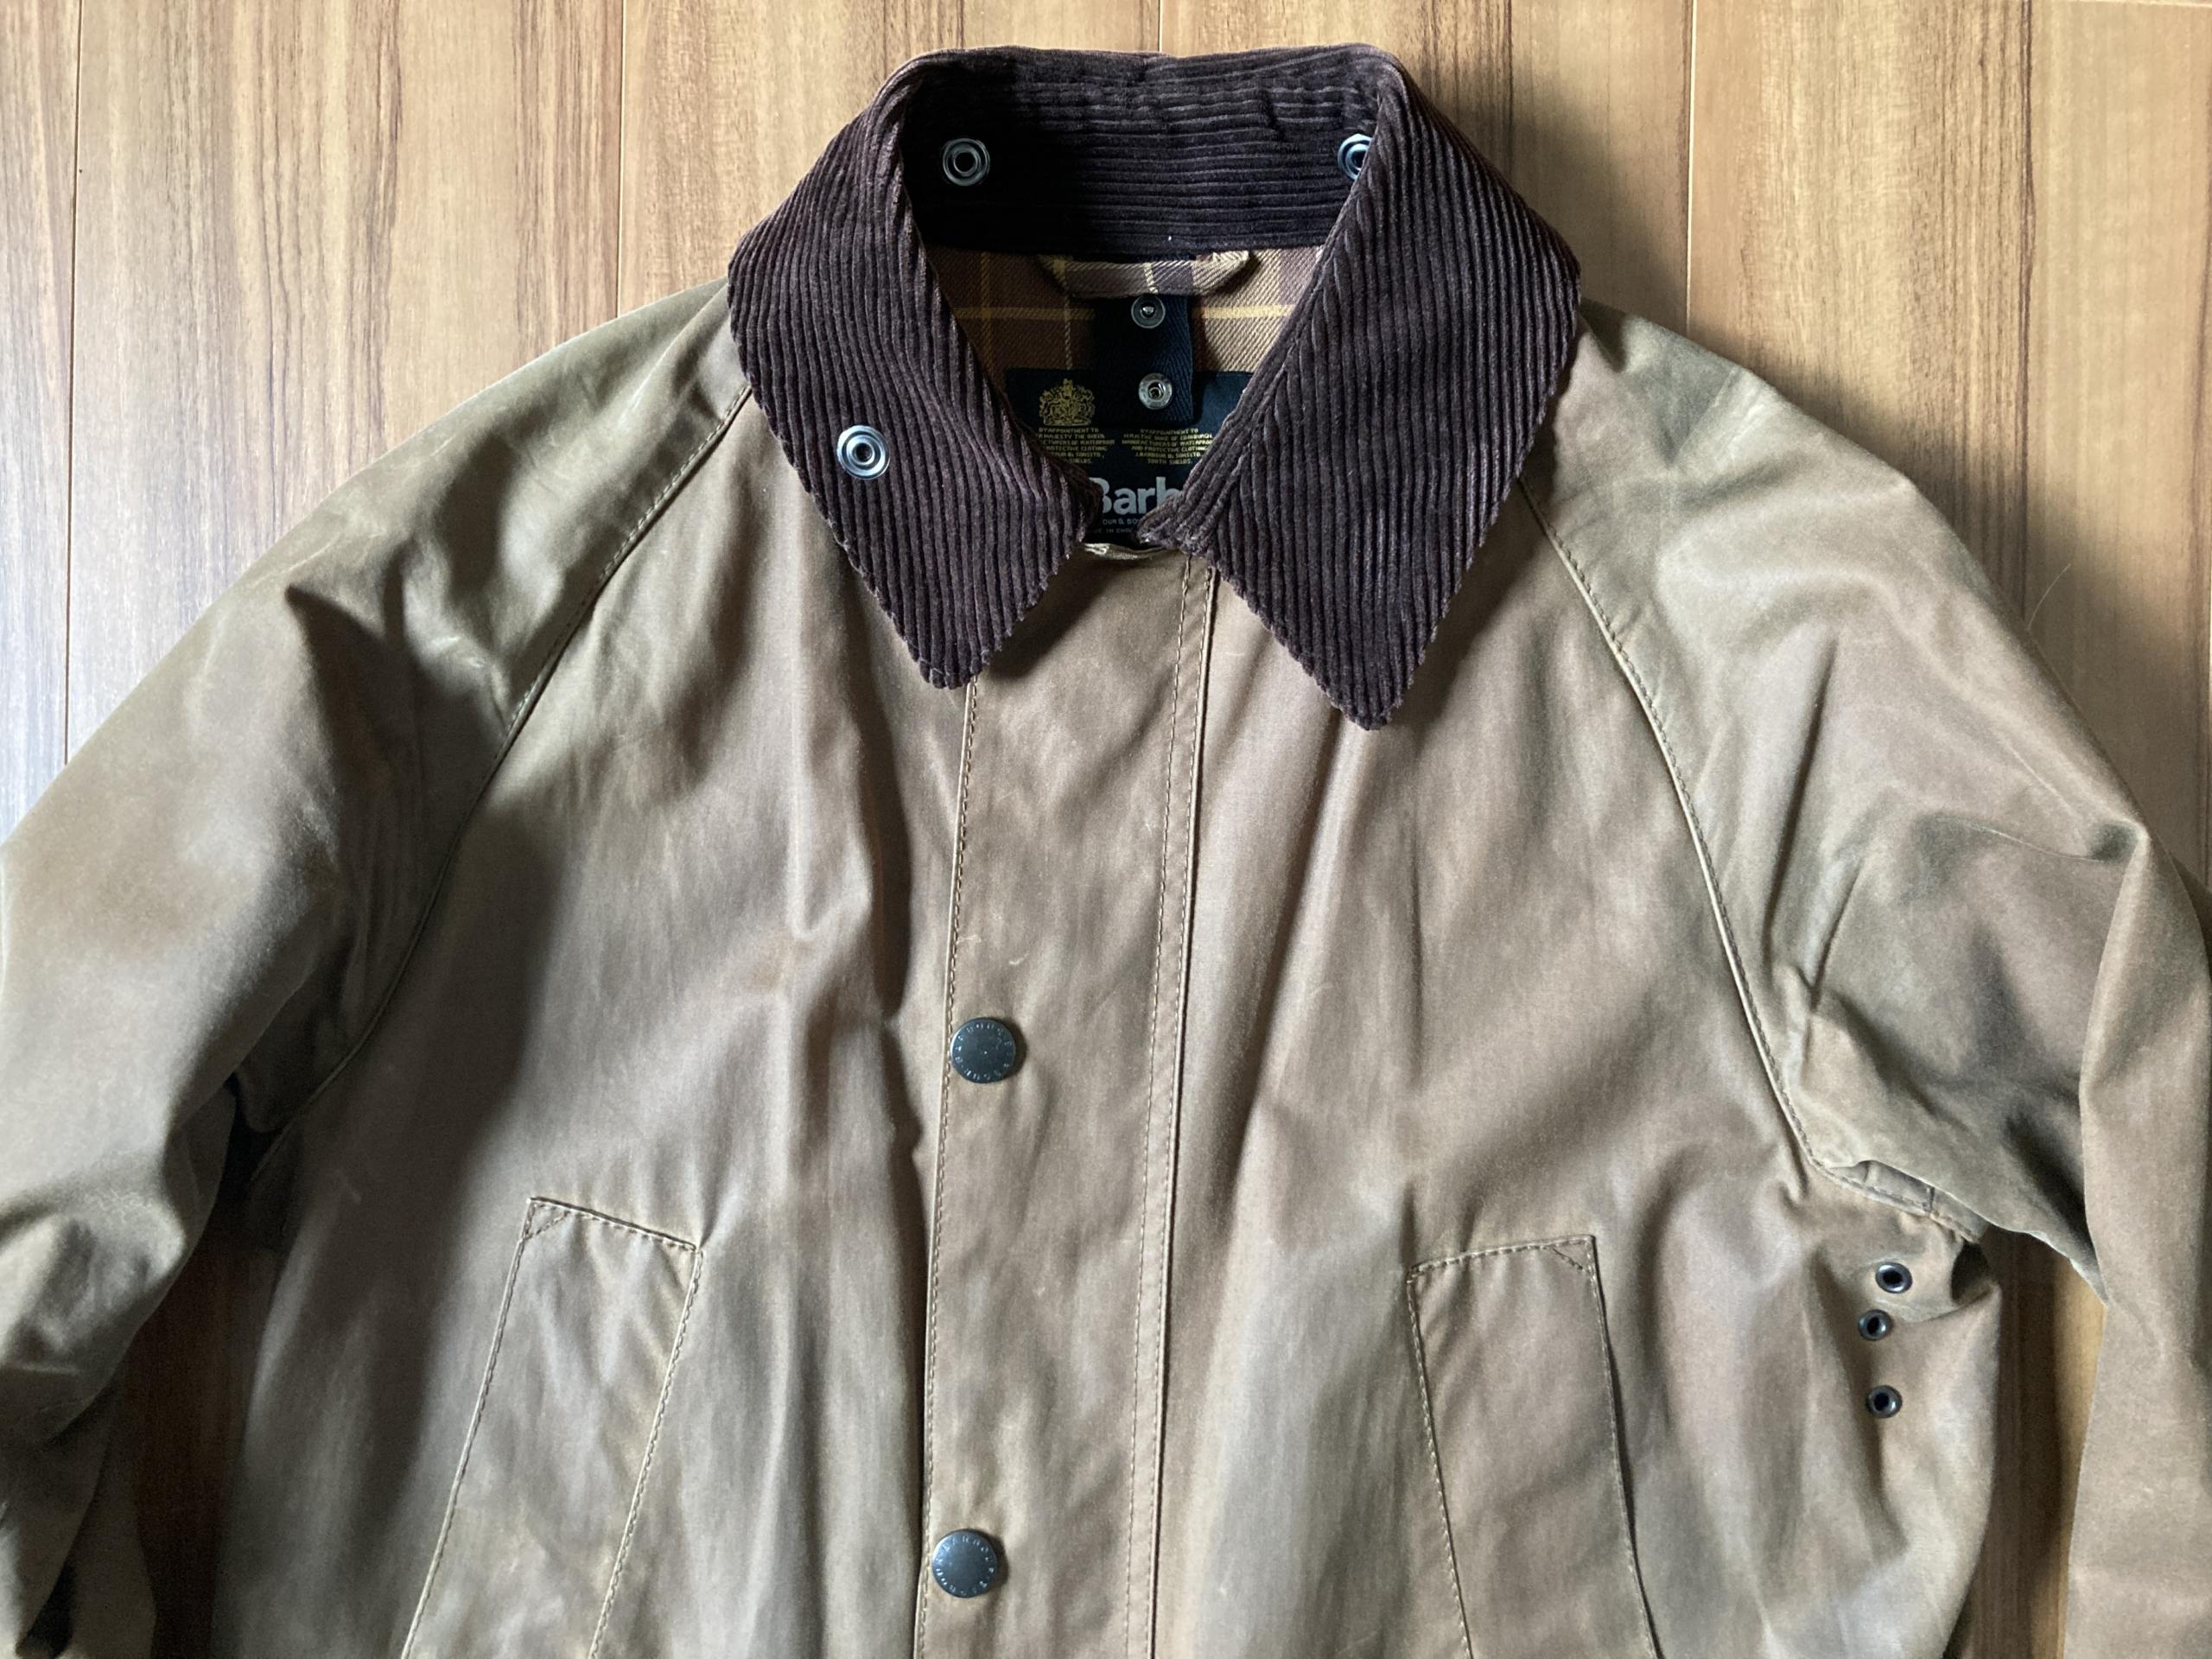 バブアー ビデイル BARBOUR BEDALE SL バーク Bark ブラウン 5年後 エイジング 経年変化 襟元